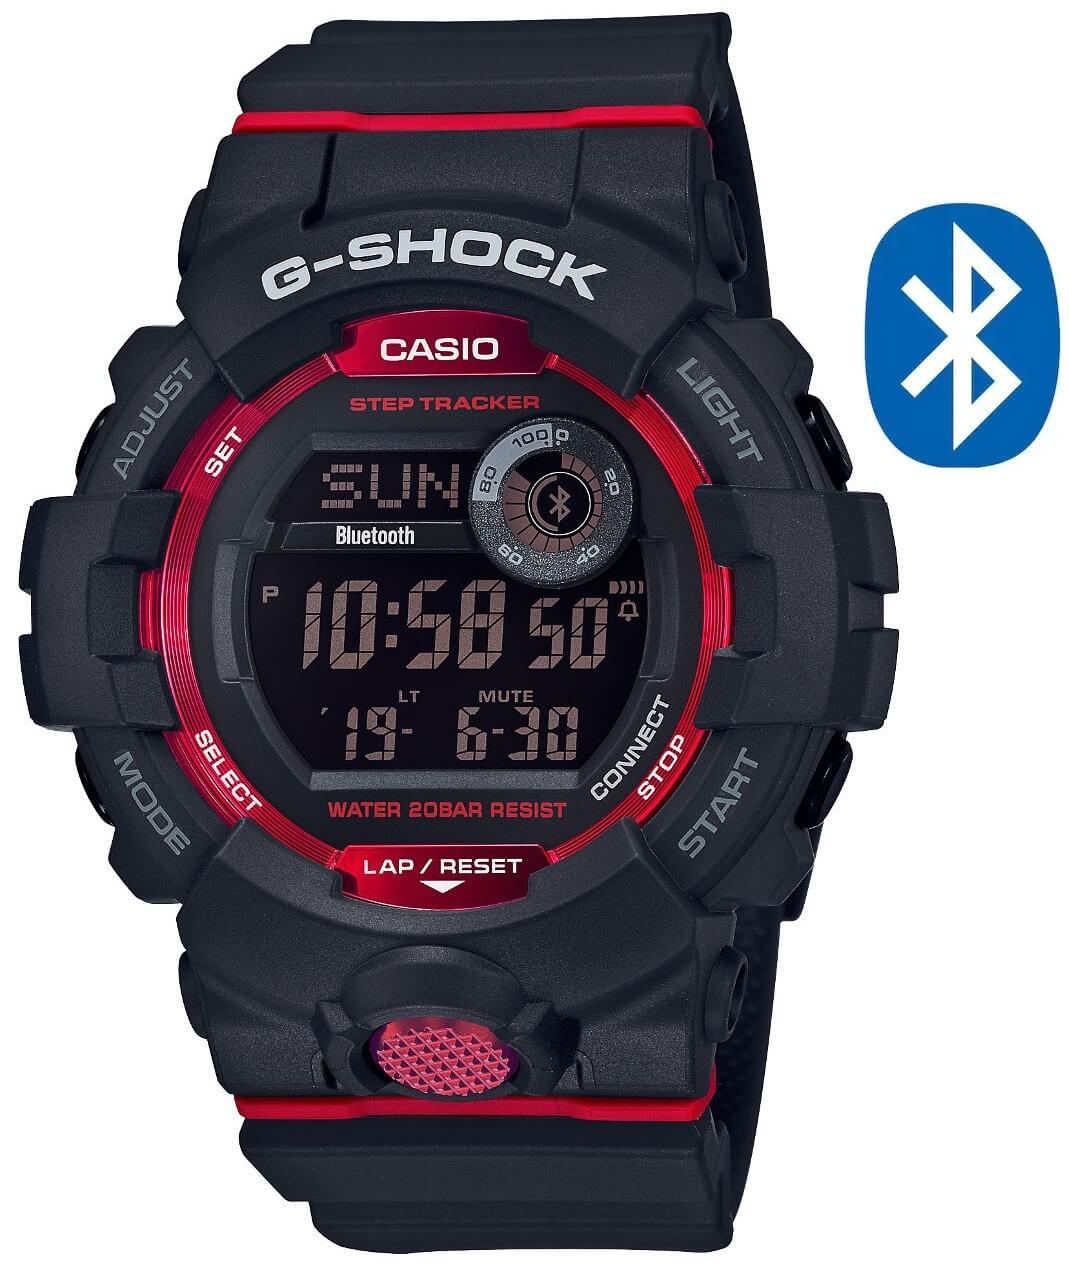 Casio G-Shock G-SQUAD GBD 800-1 Doprava ZDARMA  797accbf01f